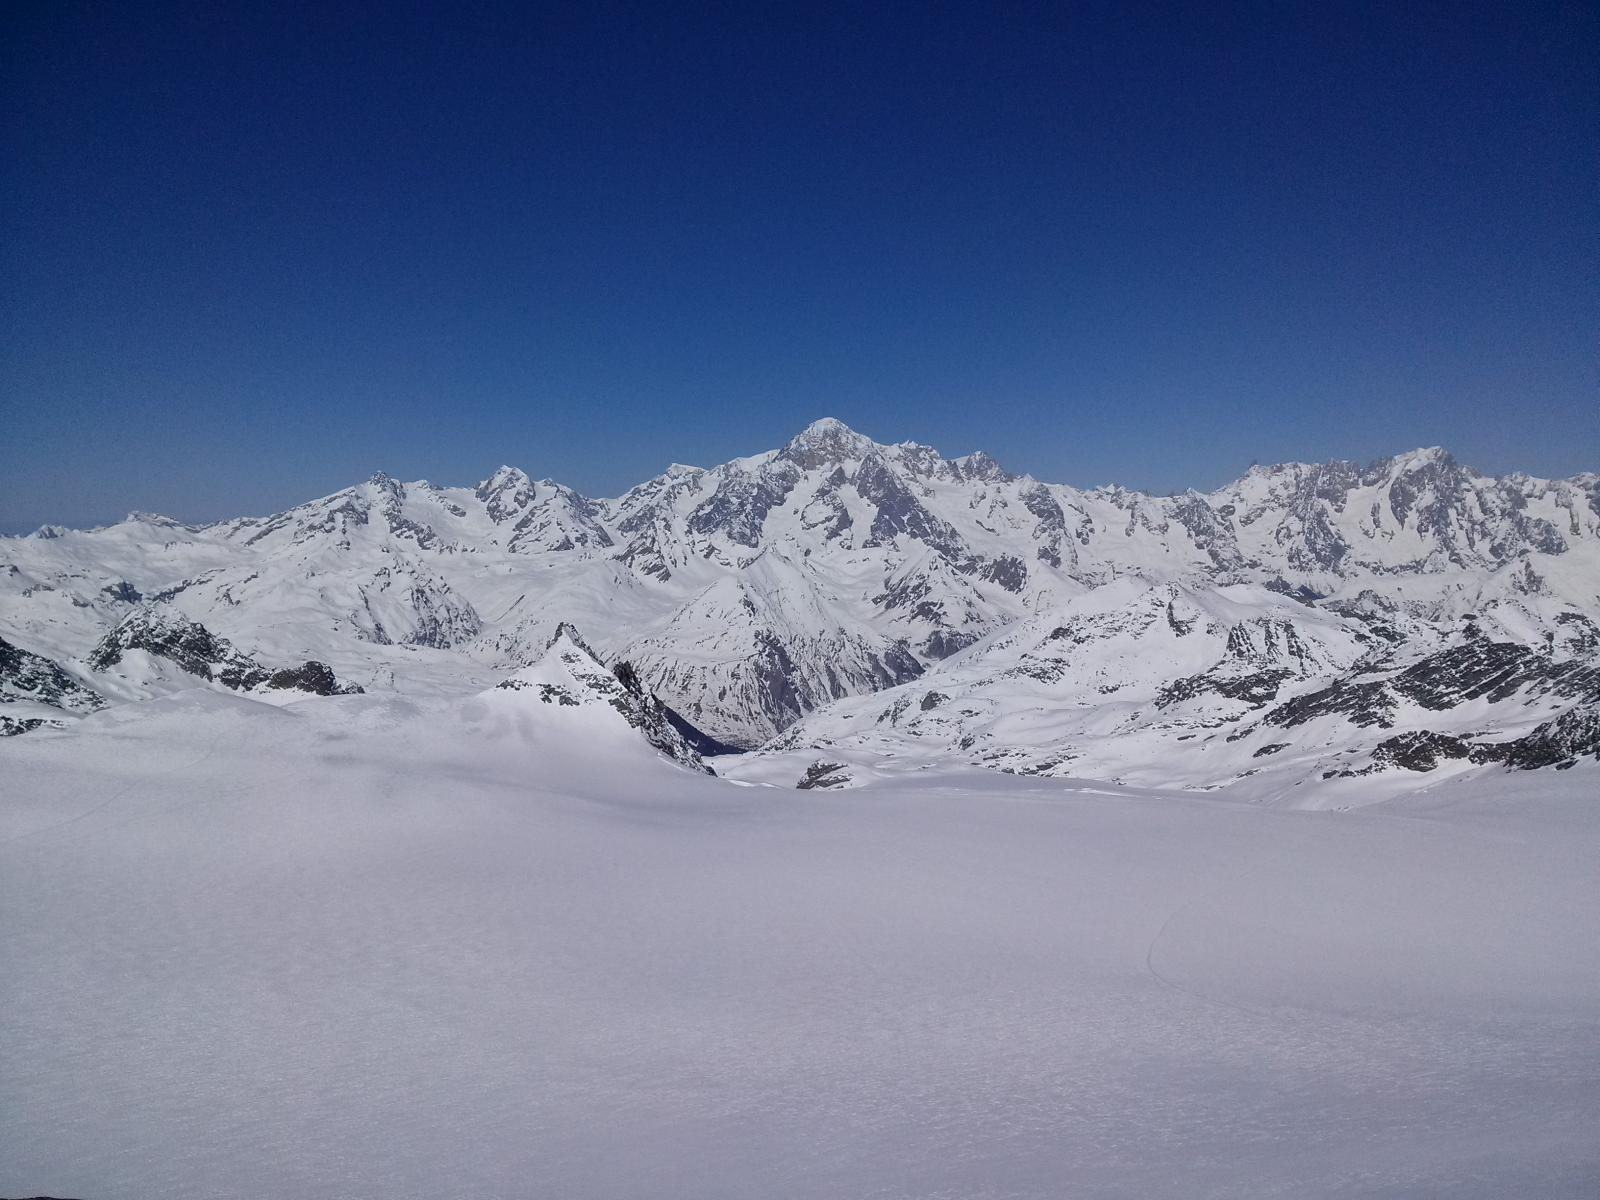 Il ghiacciaio del Rutor verso La Thuile e sullo sfondo il Bianco